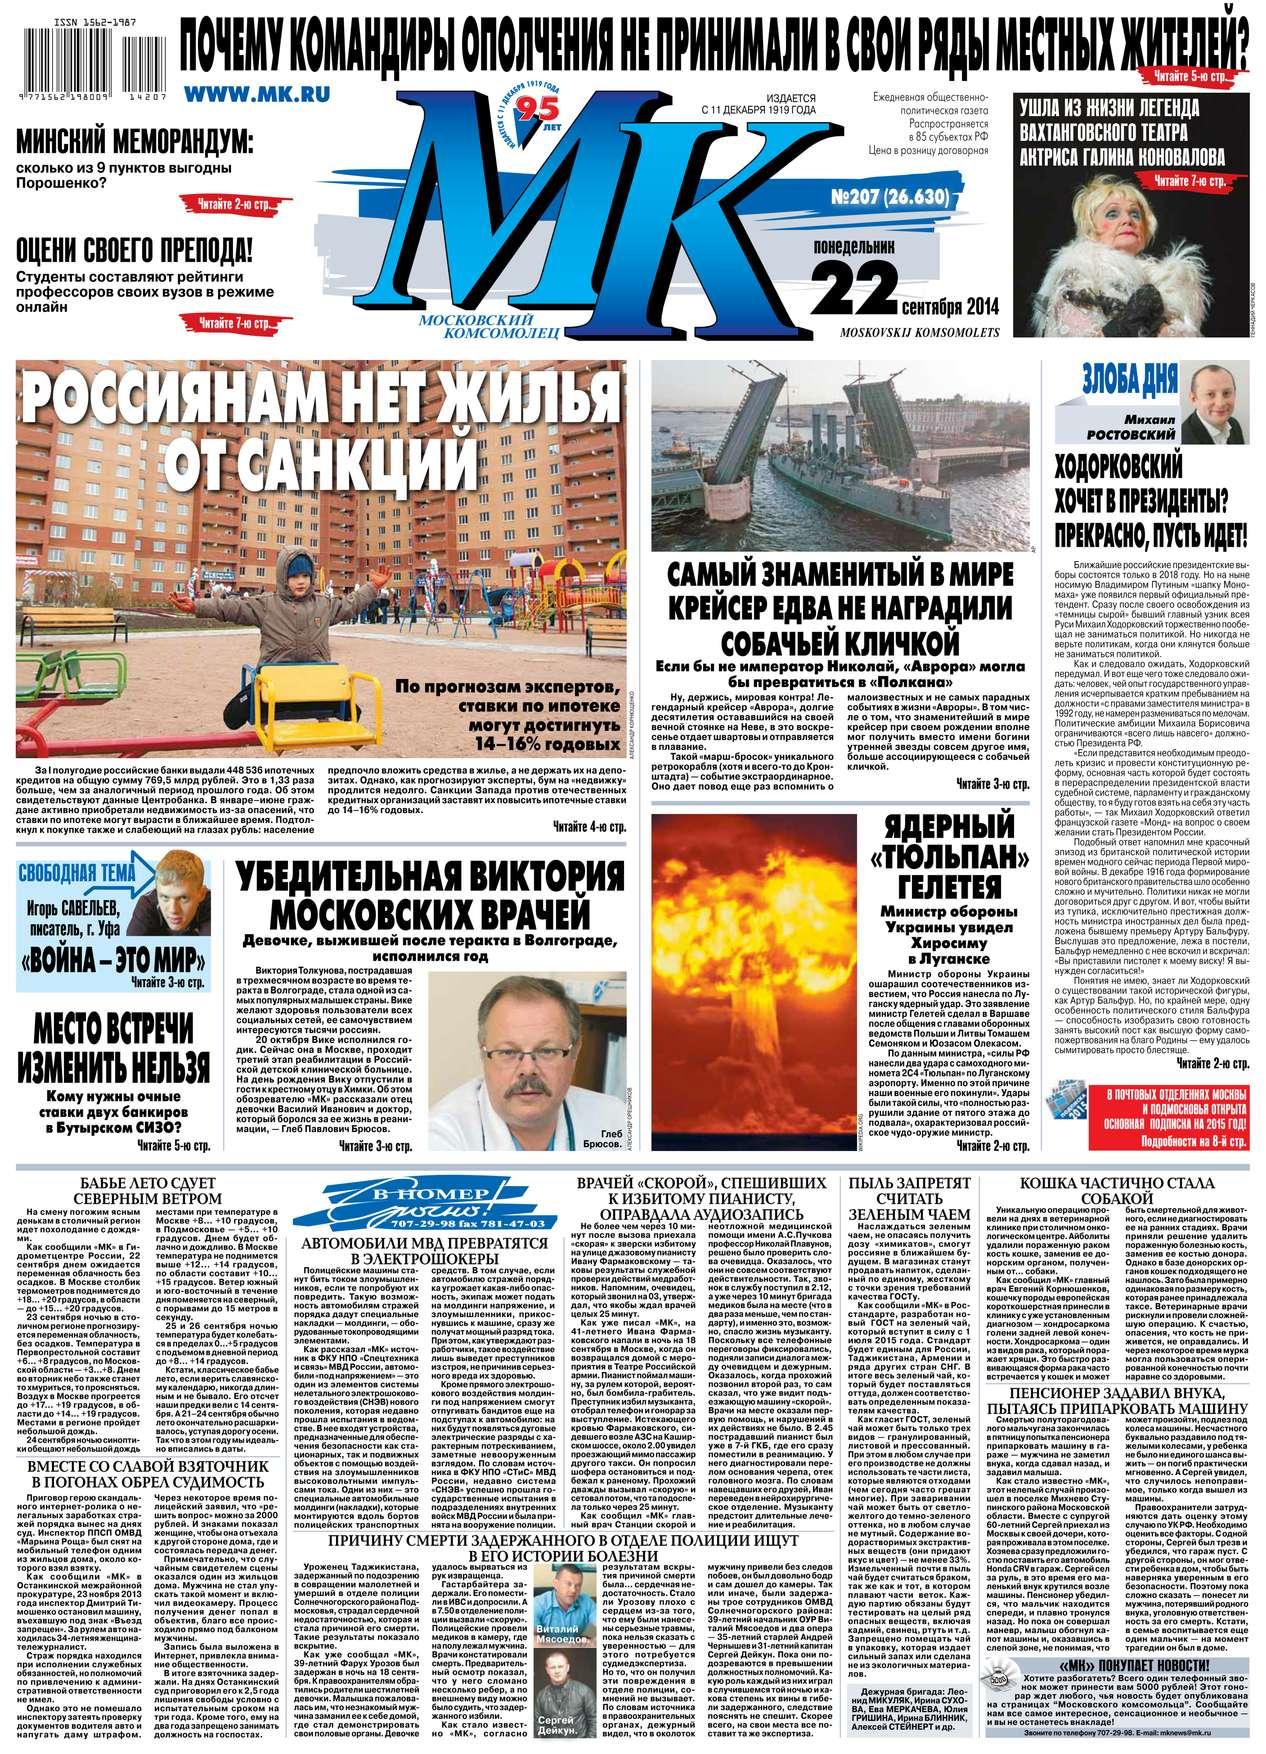 Редакция газеты МК Московский Комсомолец МК Московский комсомолец 207-2014 цена 2017